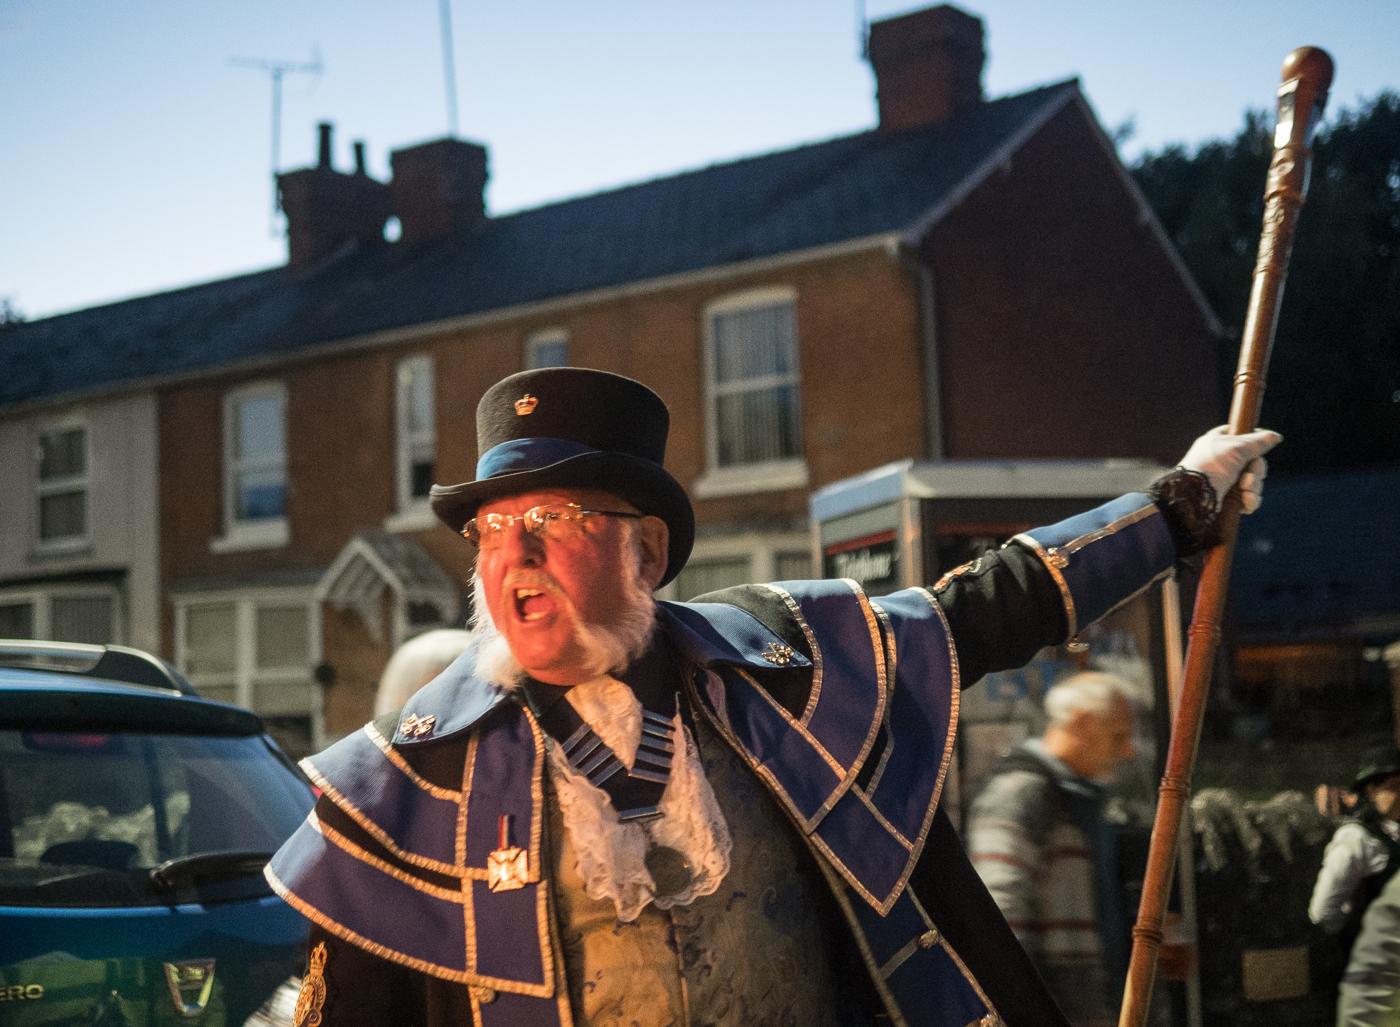 Bromyard Folk Festival 2017 by Bob Mills